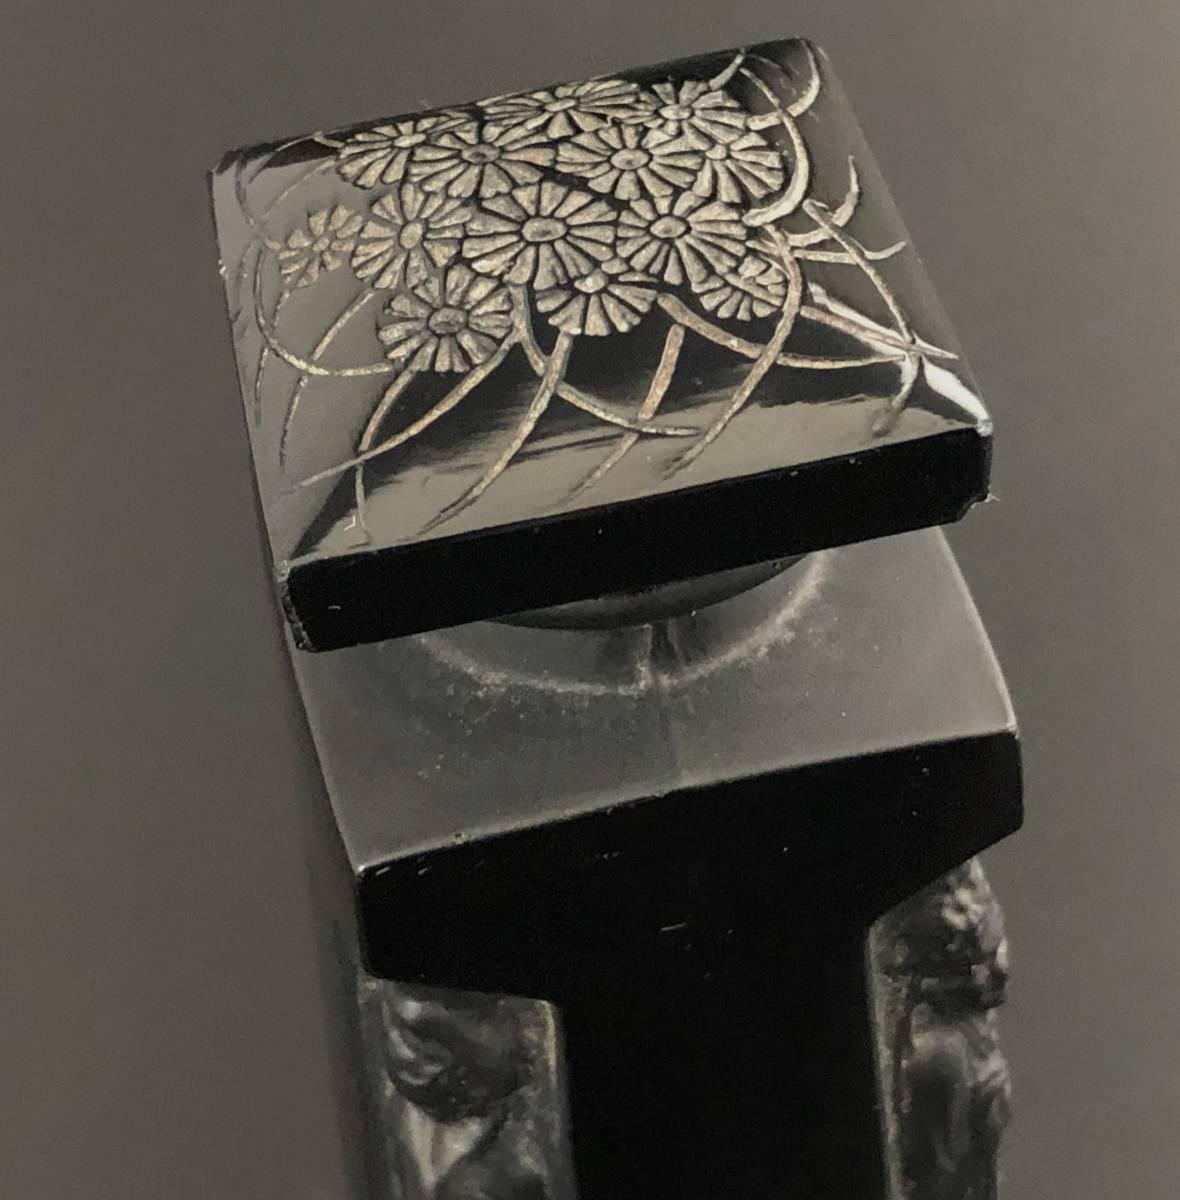 【値下げ可】/ルネ・ラリック/AMBRE D'ORSAY/黒/アンブル・ドルセー/高さ13cm/香水瓶/Lalique/フランス有名ブランド/ガラス工芸/送料無料_画像5